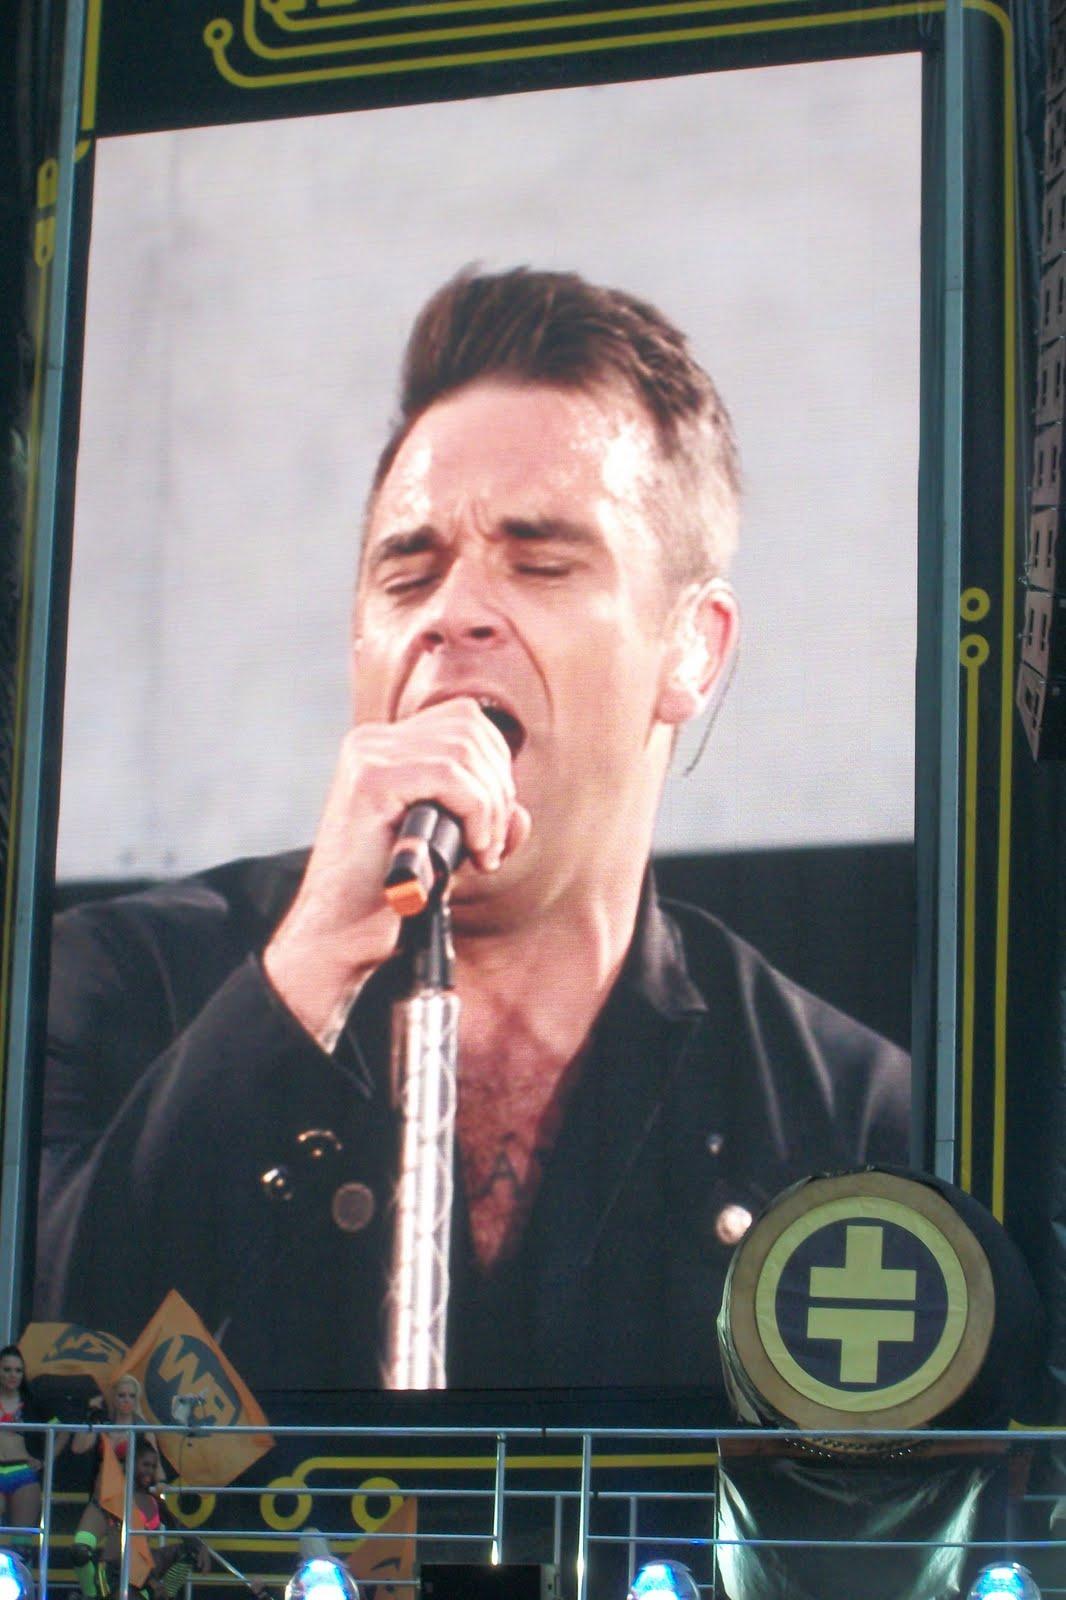 http://4.bp.blogspot.com/-2fOU3zK5tVU/TeoKNaS_5VI/AAAAAAAABQM/J8882qlt9yY/s1600/Take+That+Progressed+Robbie+Williams.jpg